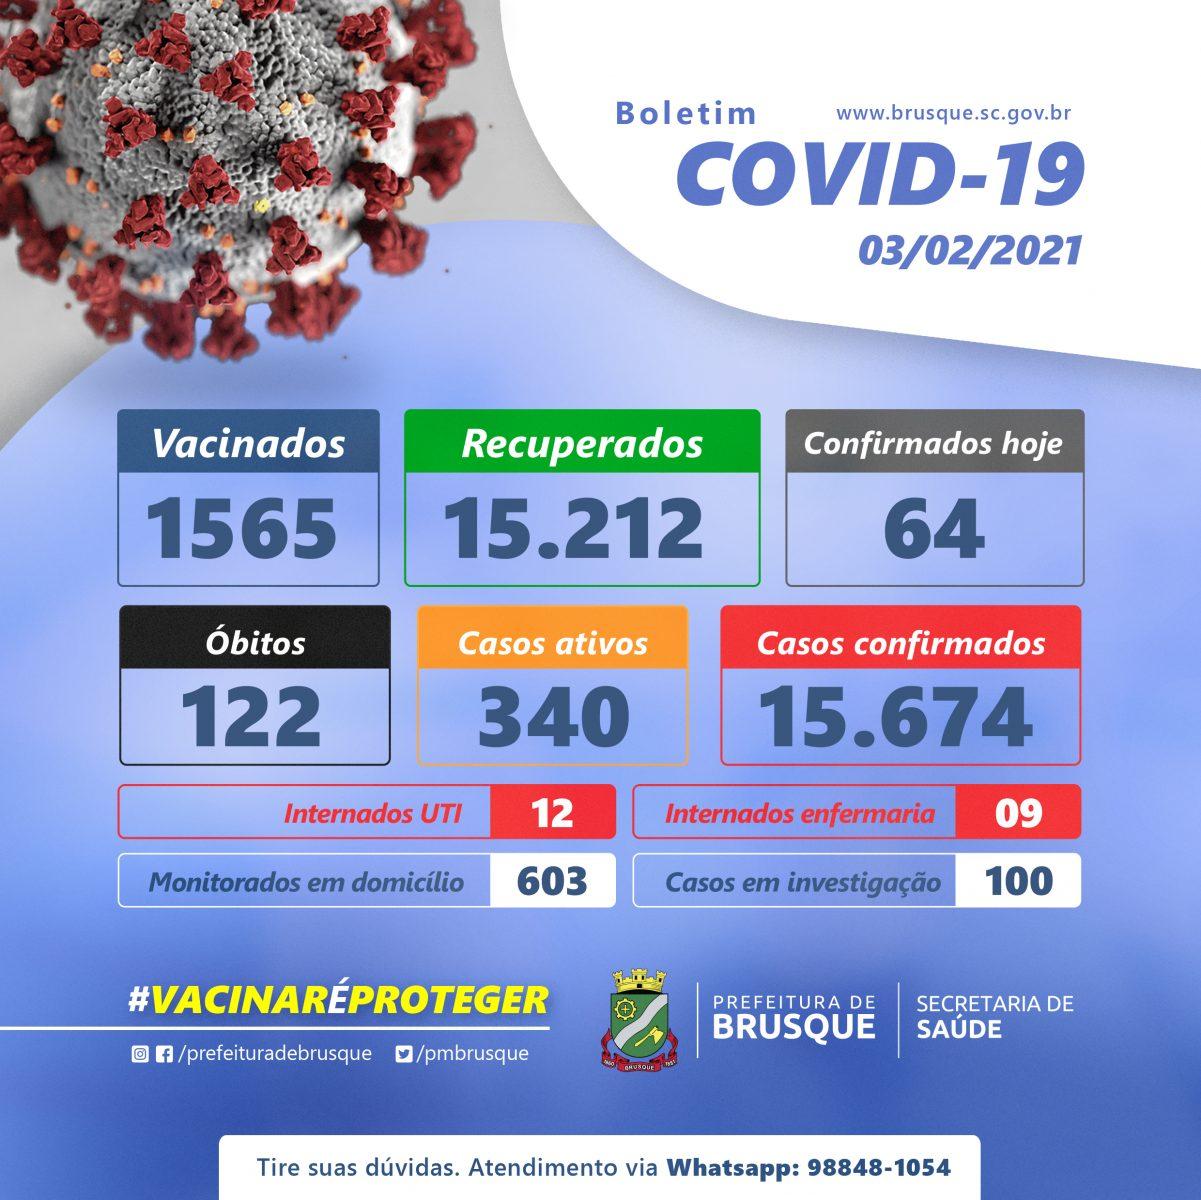 Covid-19: Confira o boletim epidemiológico desta quarta-feira (3)